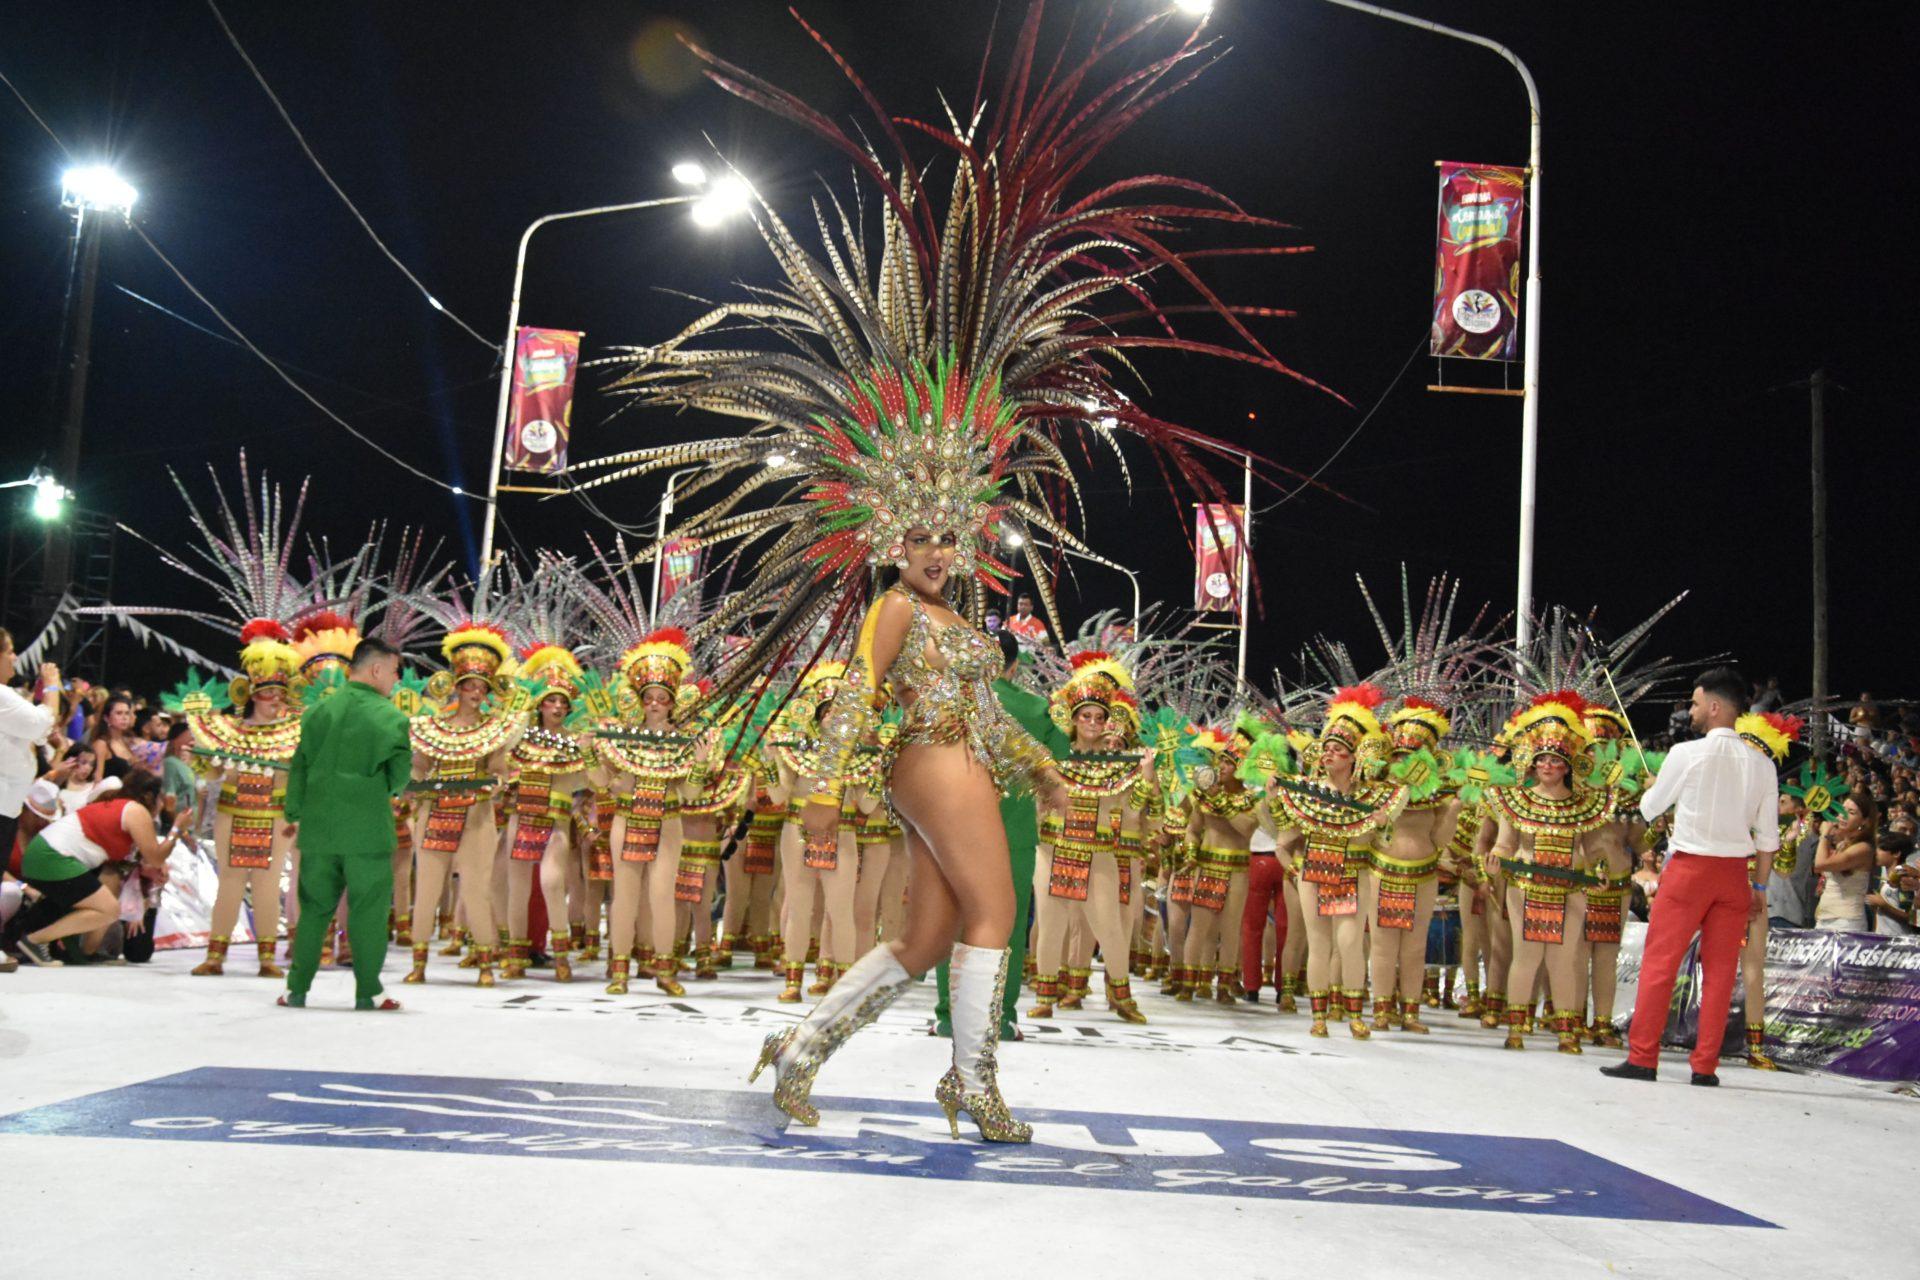 Fin de semana turístico en Concordia: La ciudad de todos los carnavales